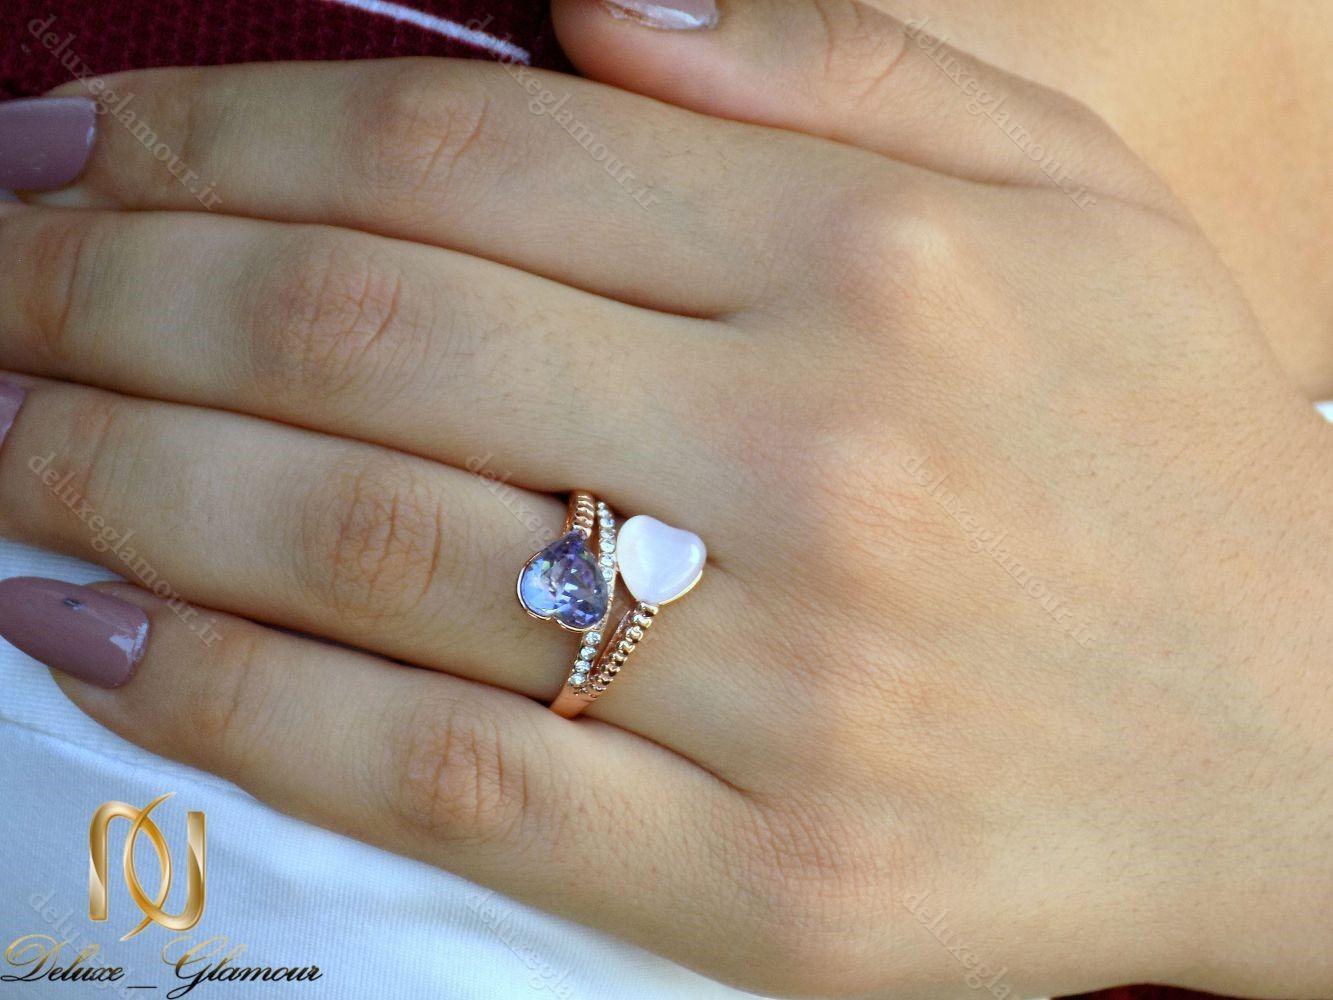 انگشتر دخترانه جواهری رزگلد با نگین سواروسکی و اپال RG-N227